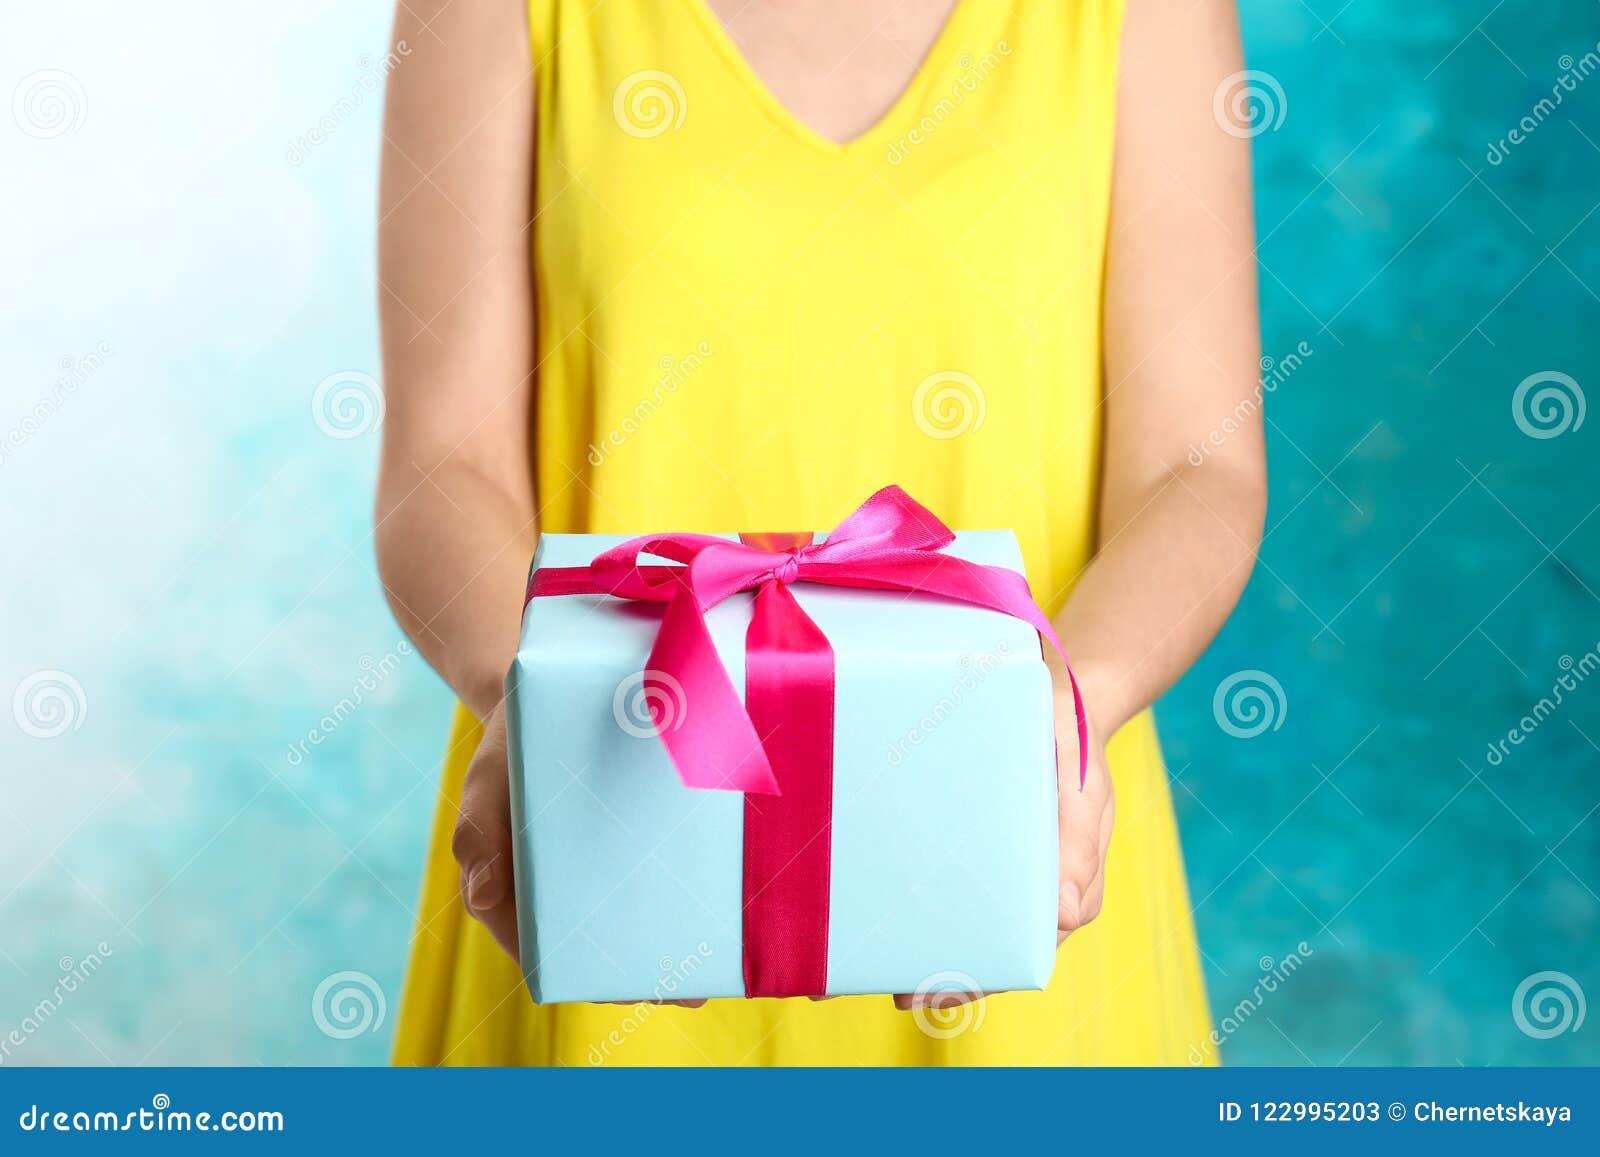 Kobieta trzyma pięknie zawijającego prezenta pudełko na koloru tle